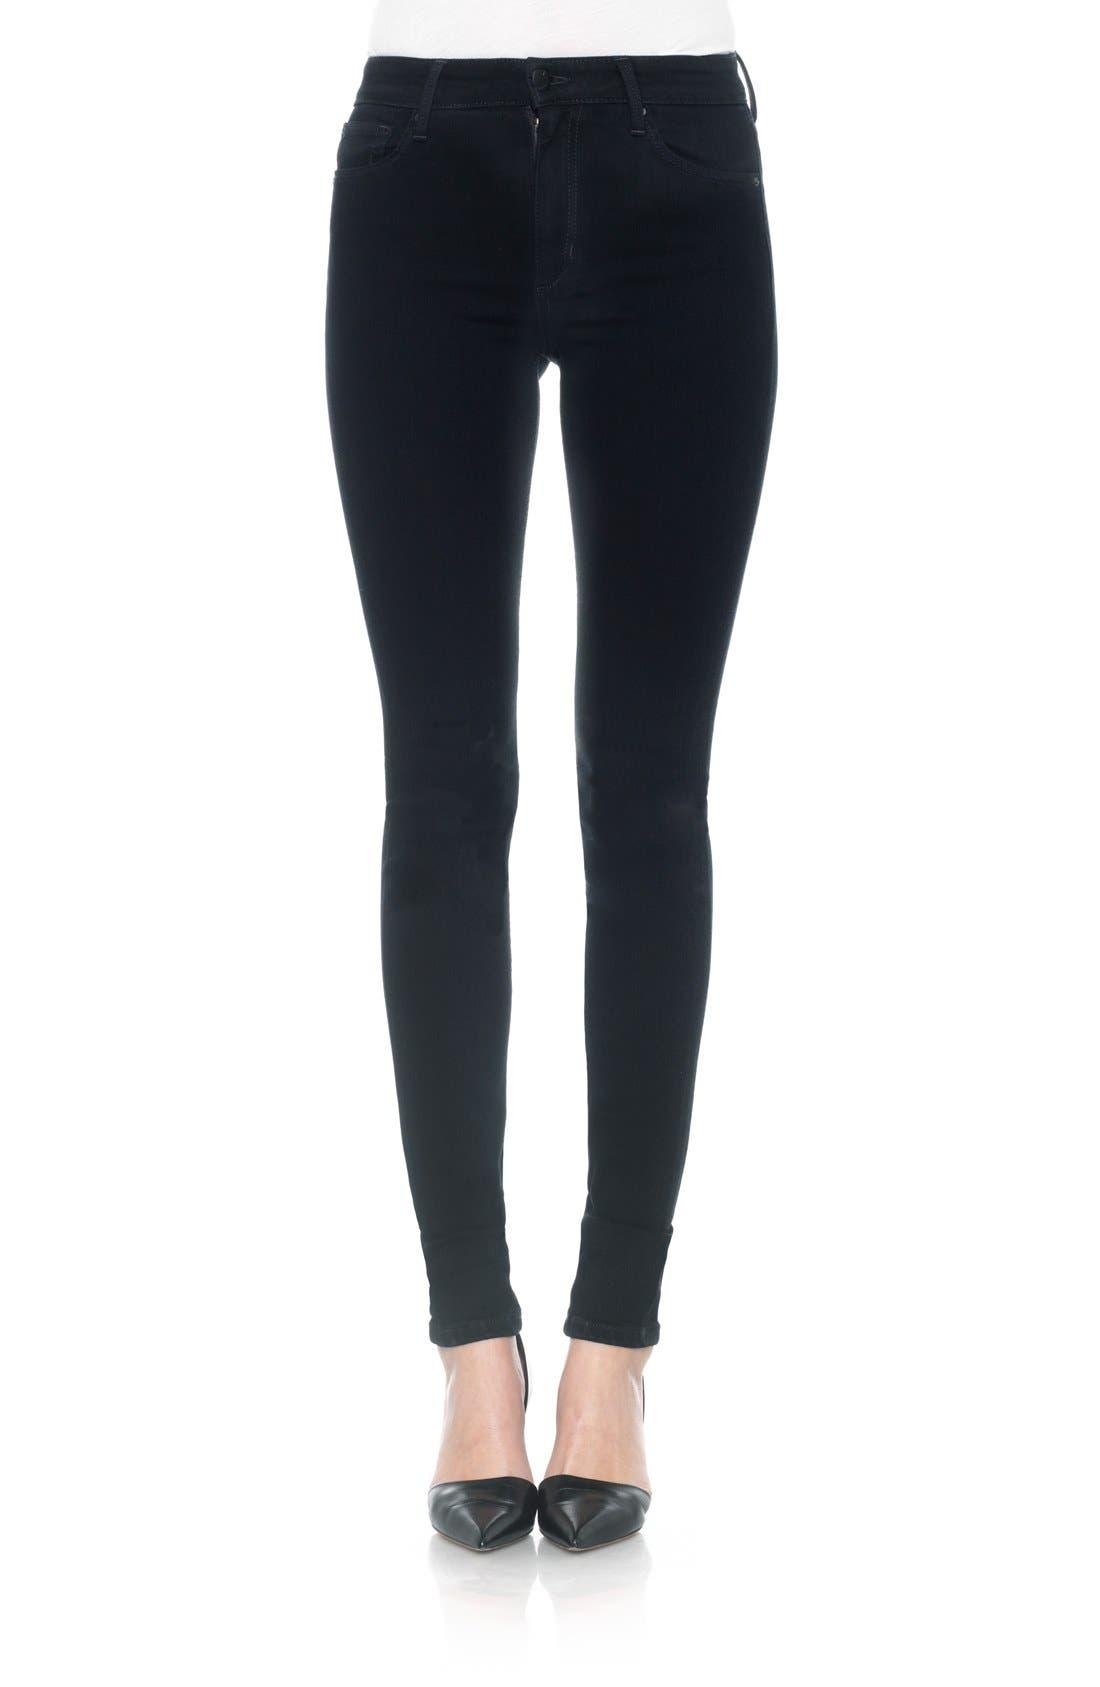 JOE'S 'Flawless - Charlie' Skinny Jeans